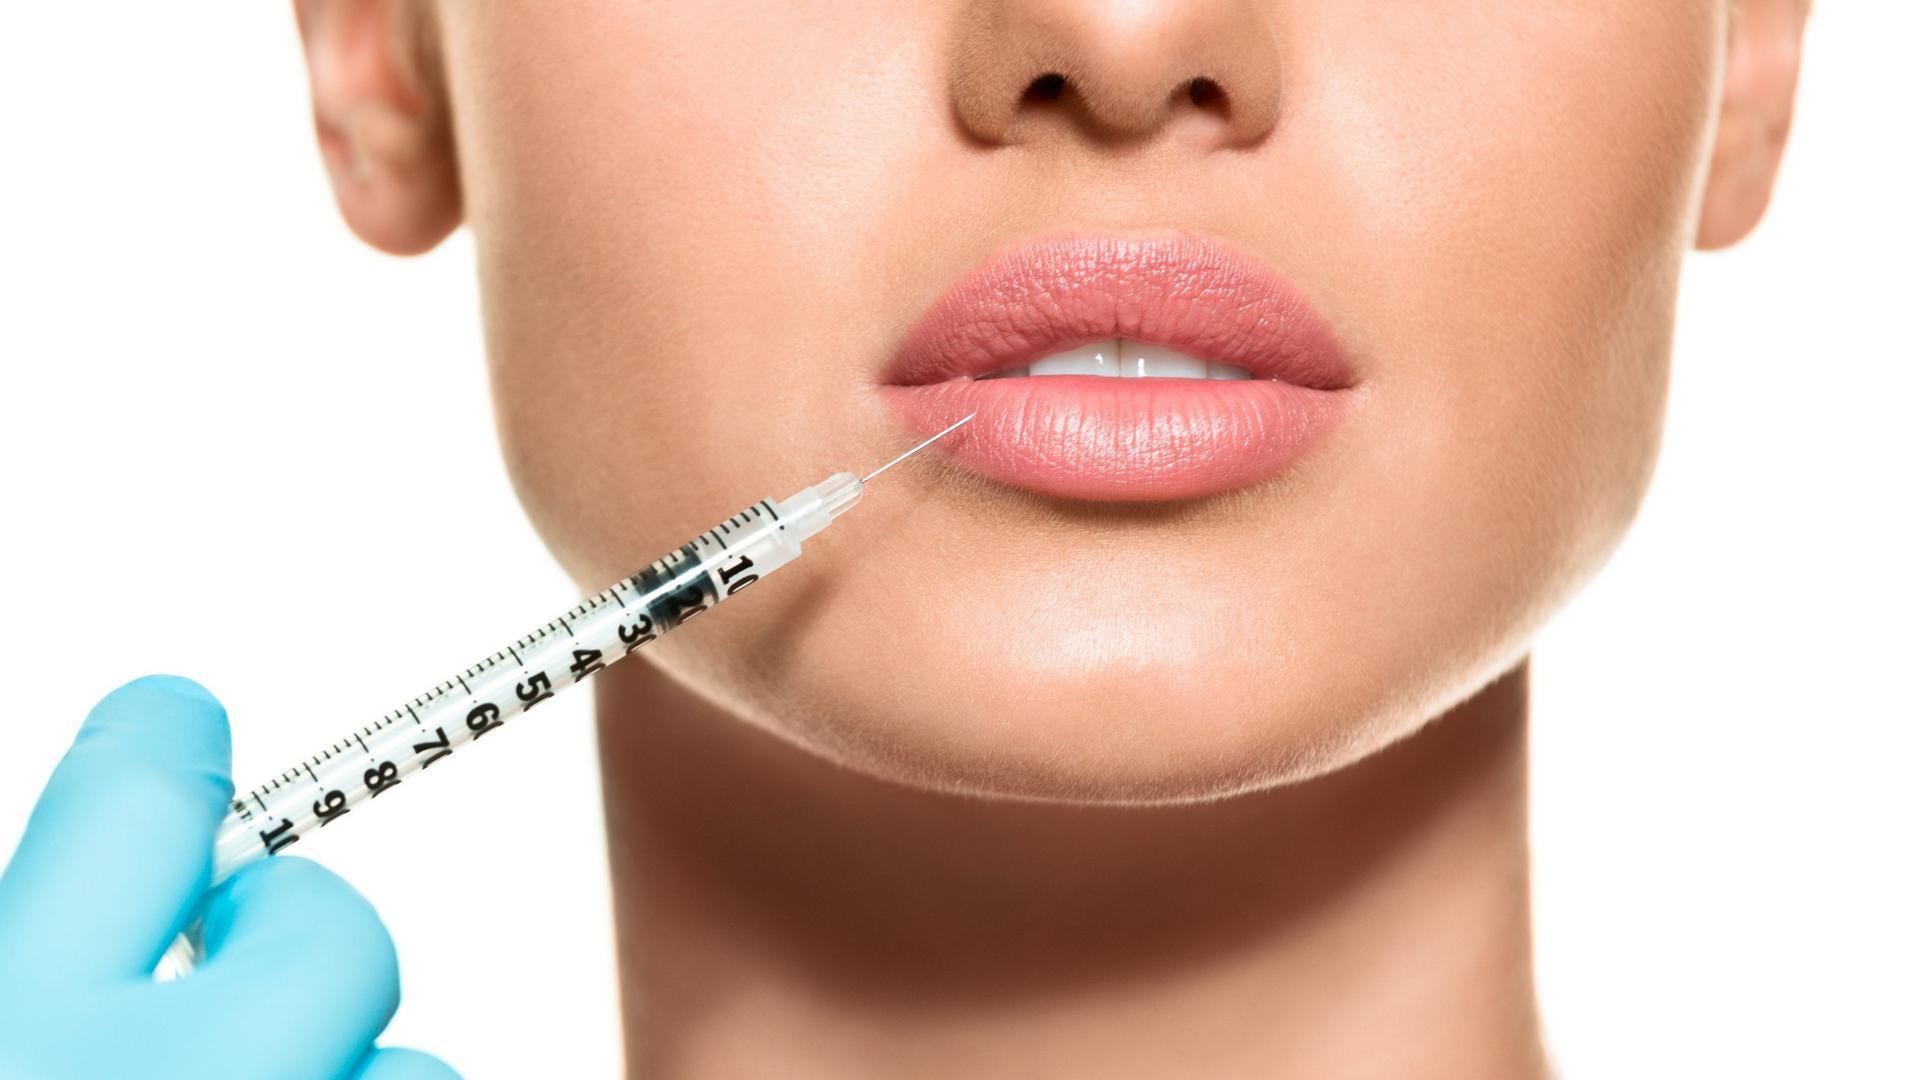 Контурная пластика губ филлерами помогает